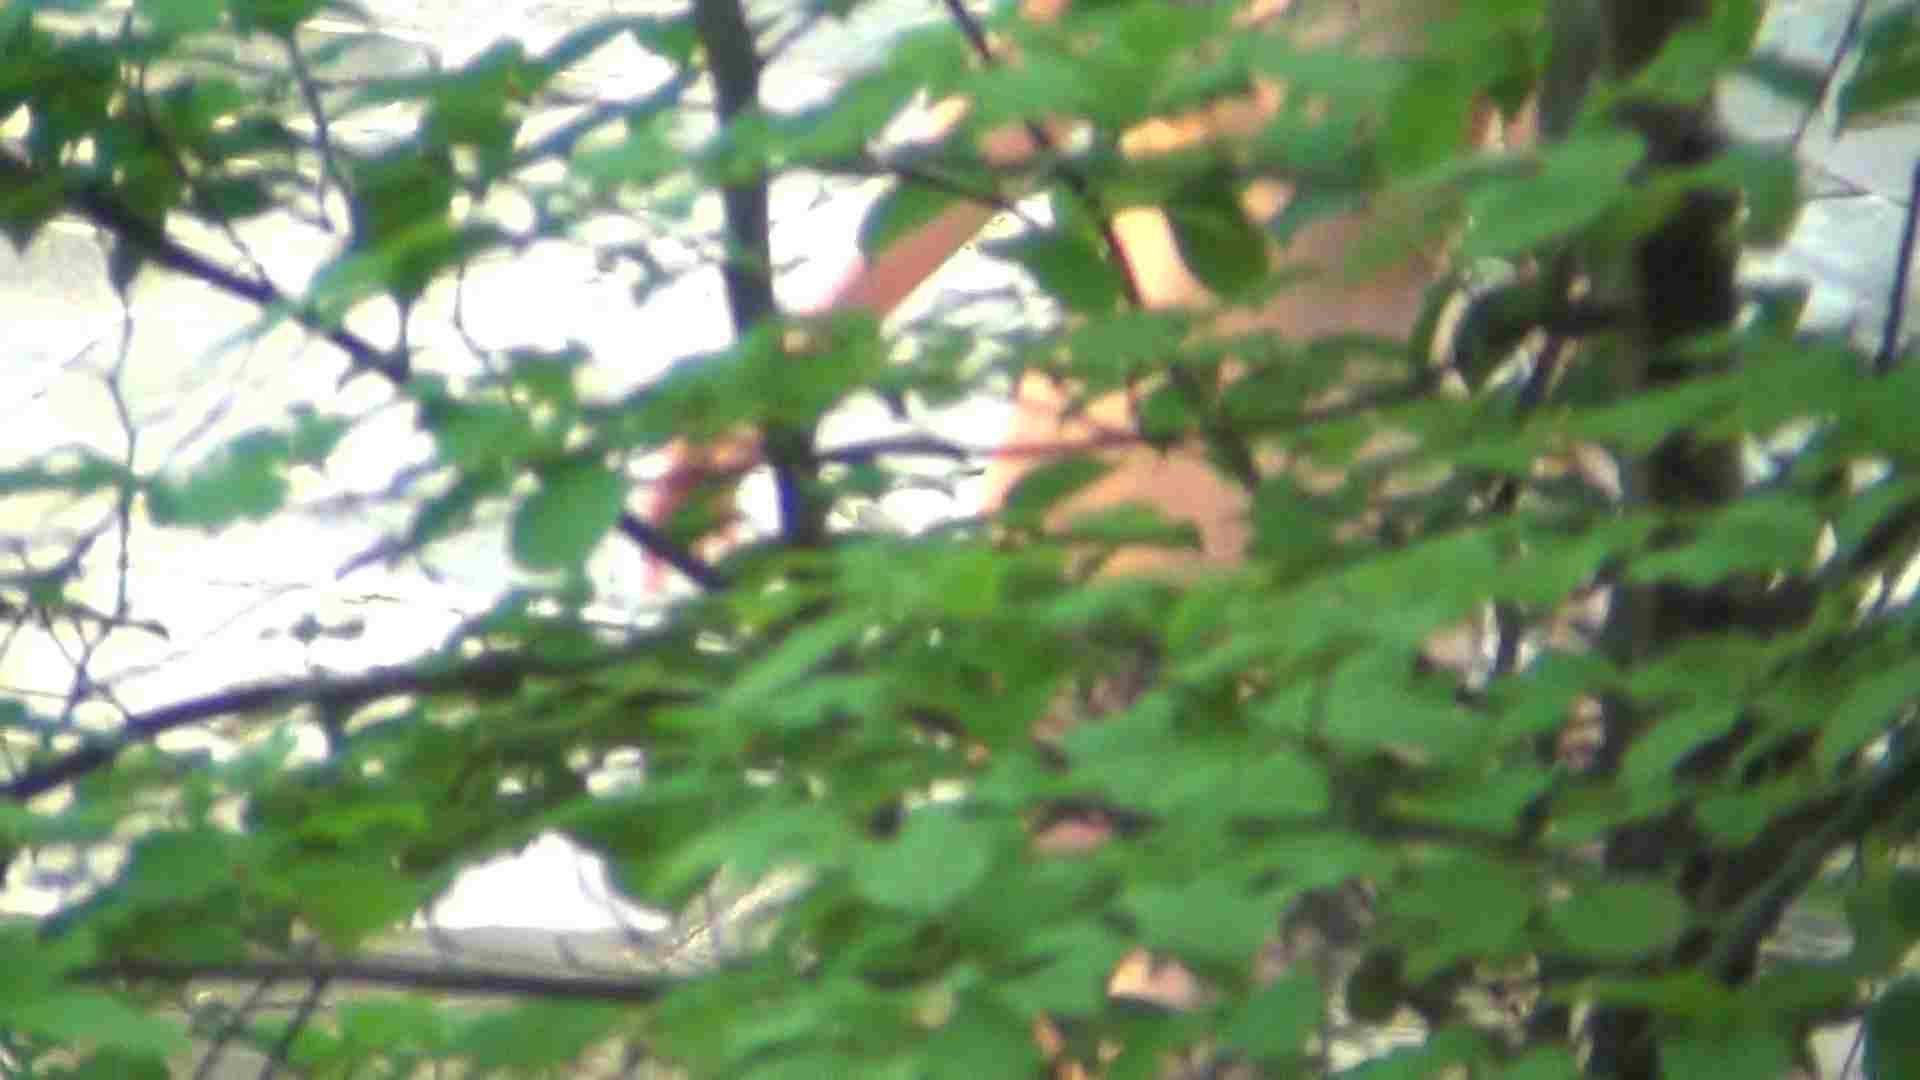 ハイビジョンVol.6 白い素肌にピンクのほっぺ 美女  75pic 57